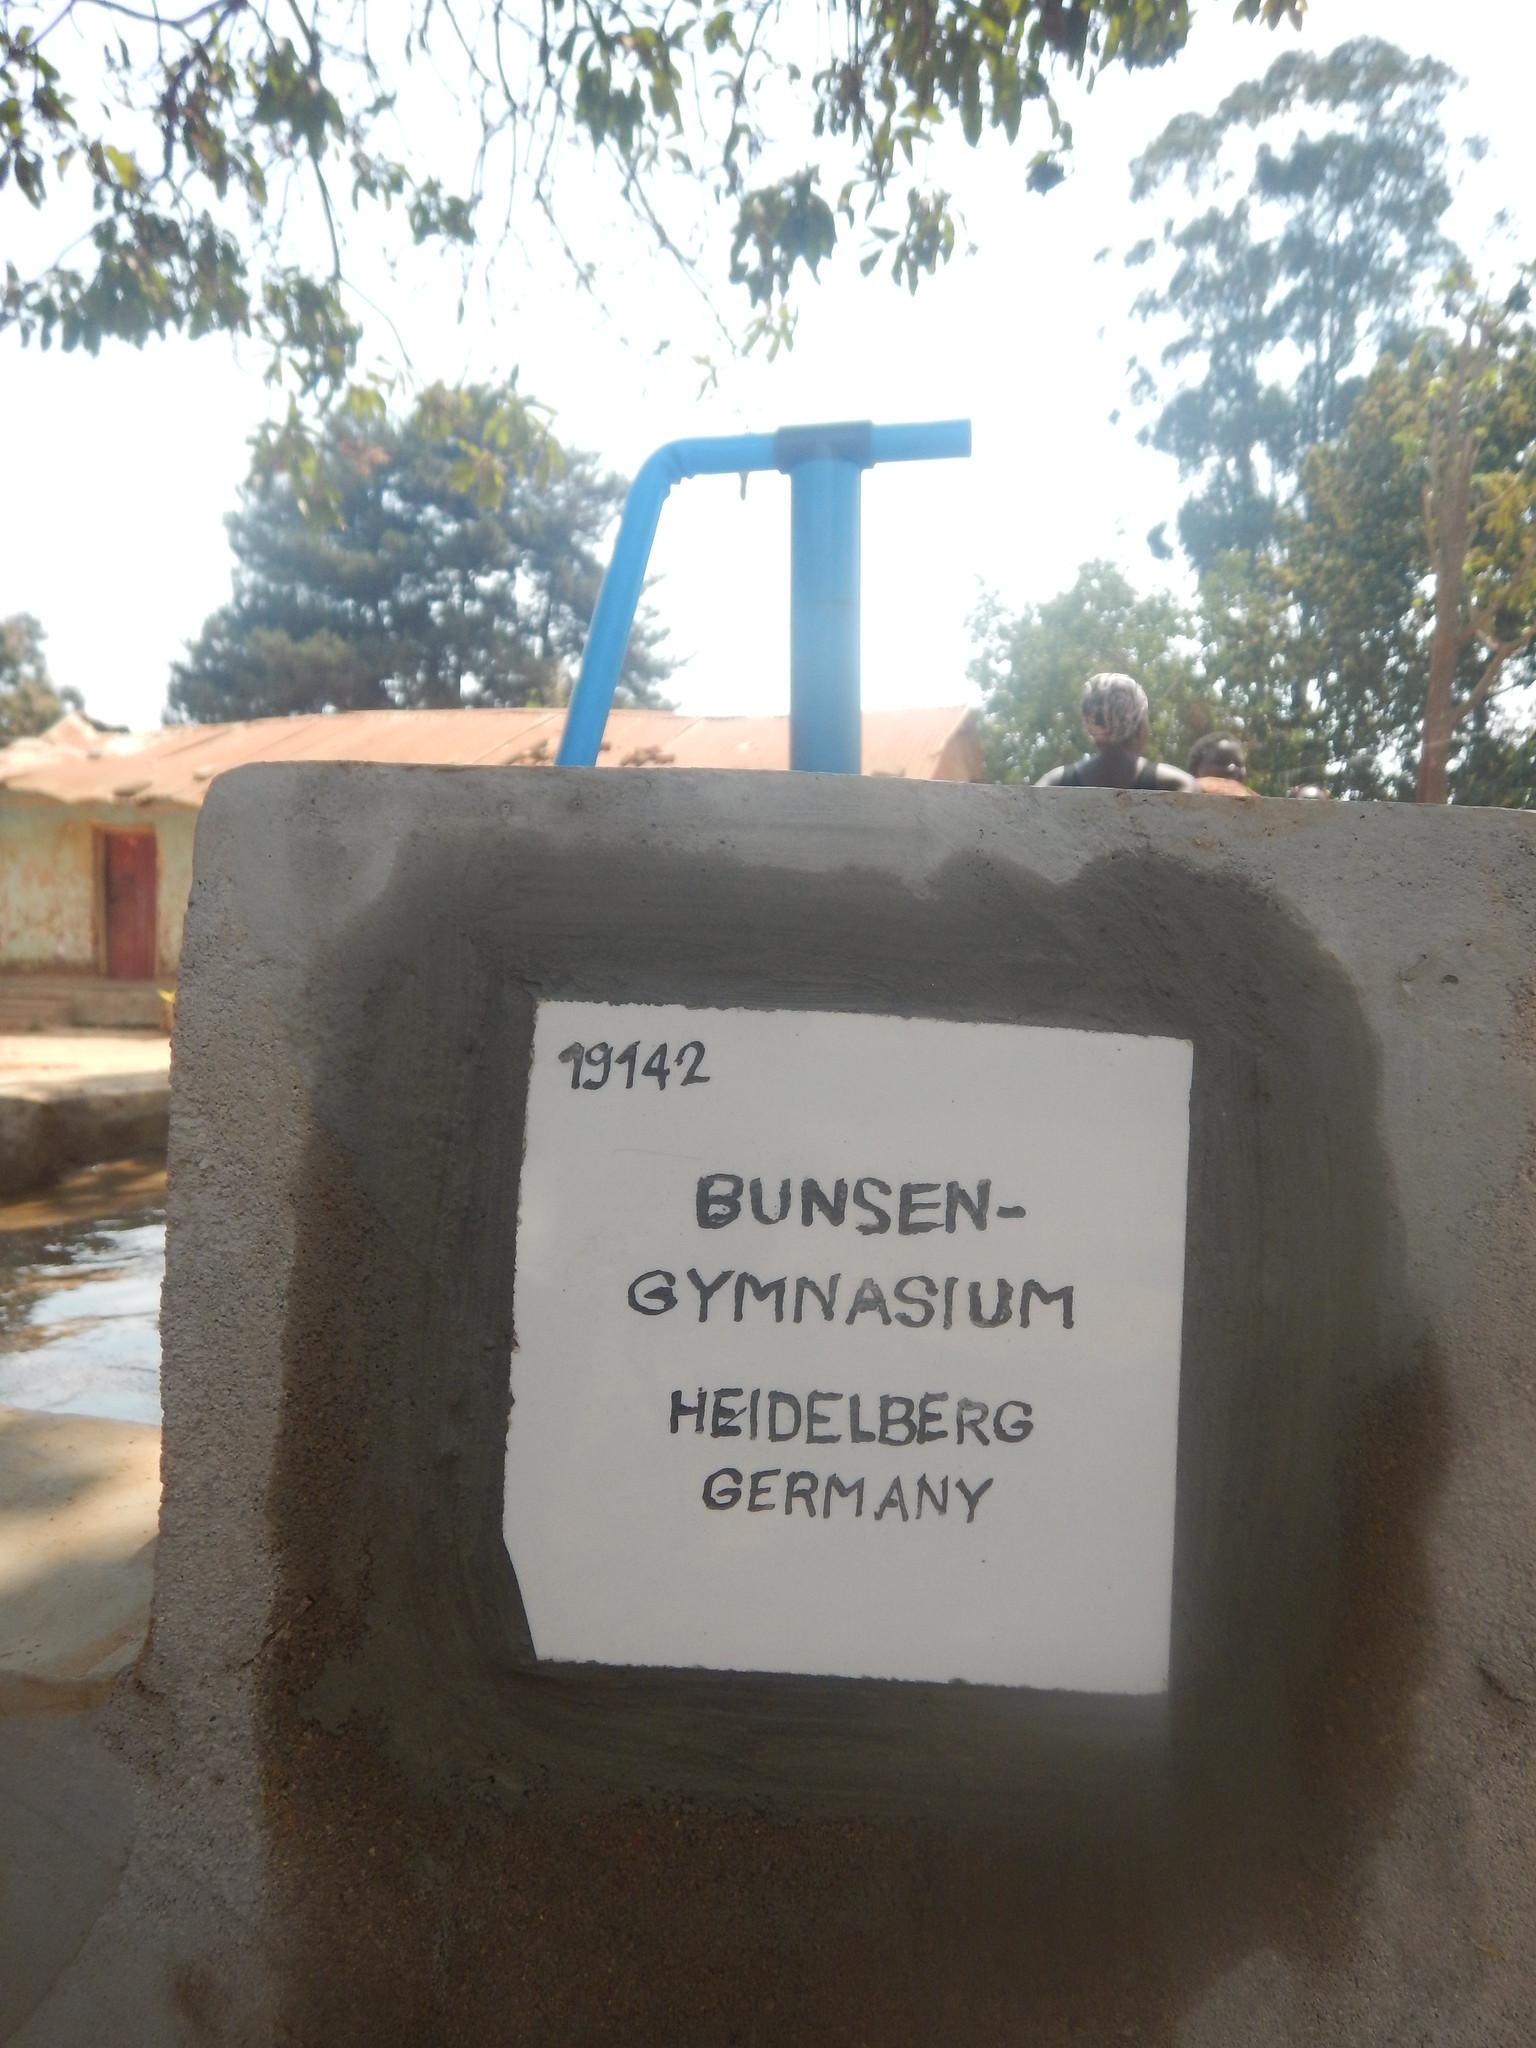 Nkhonjera - pump 19142